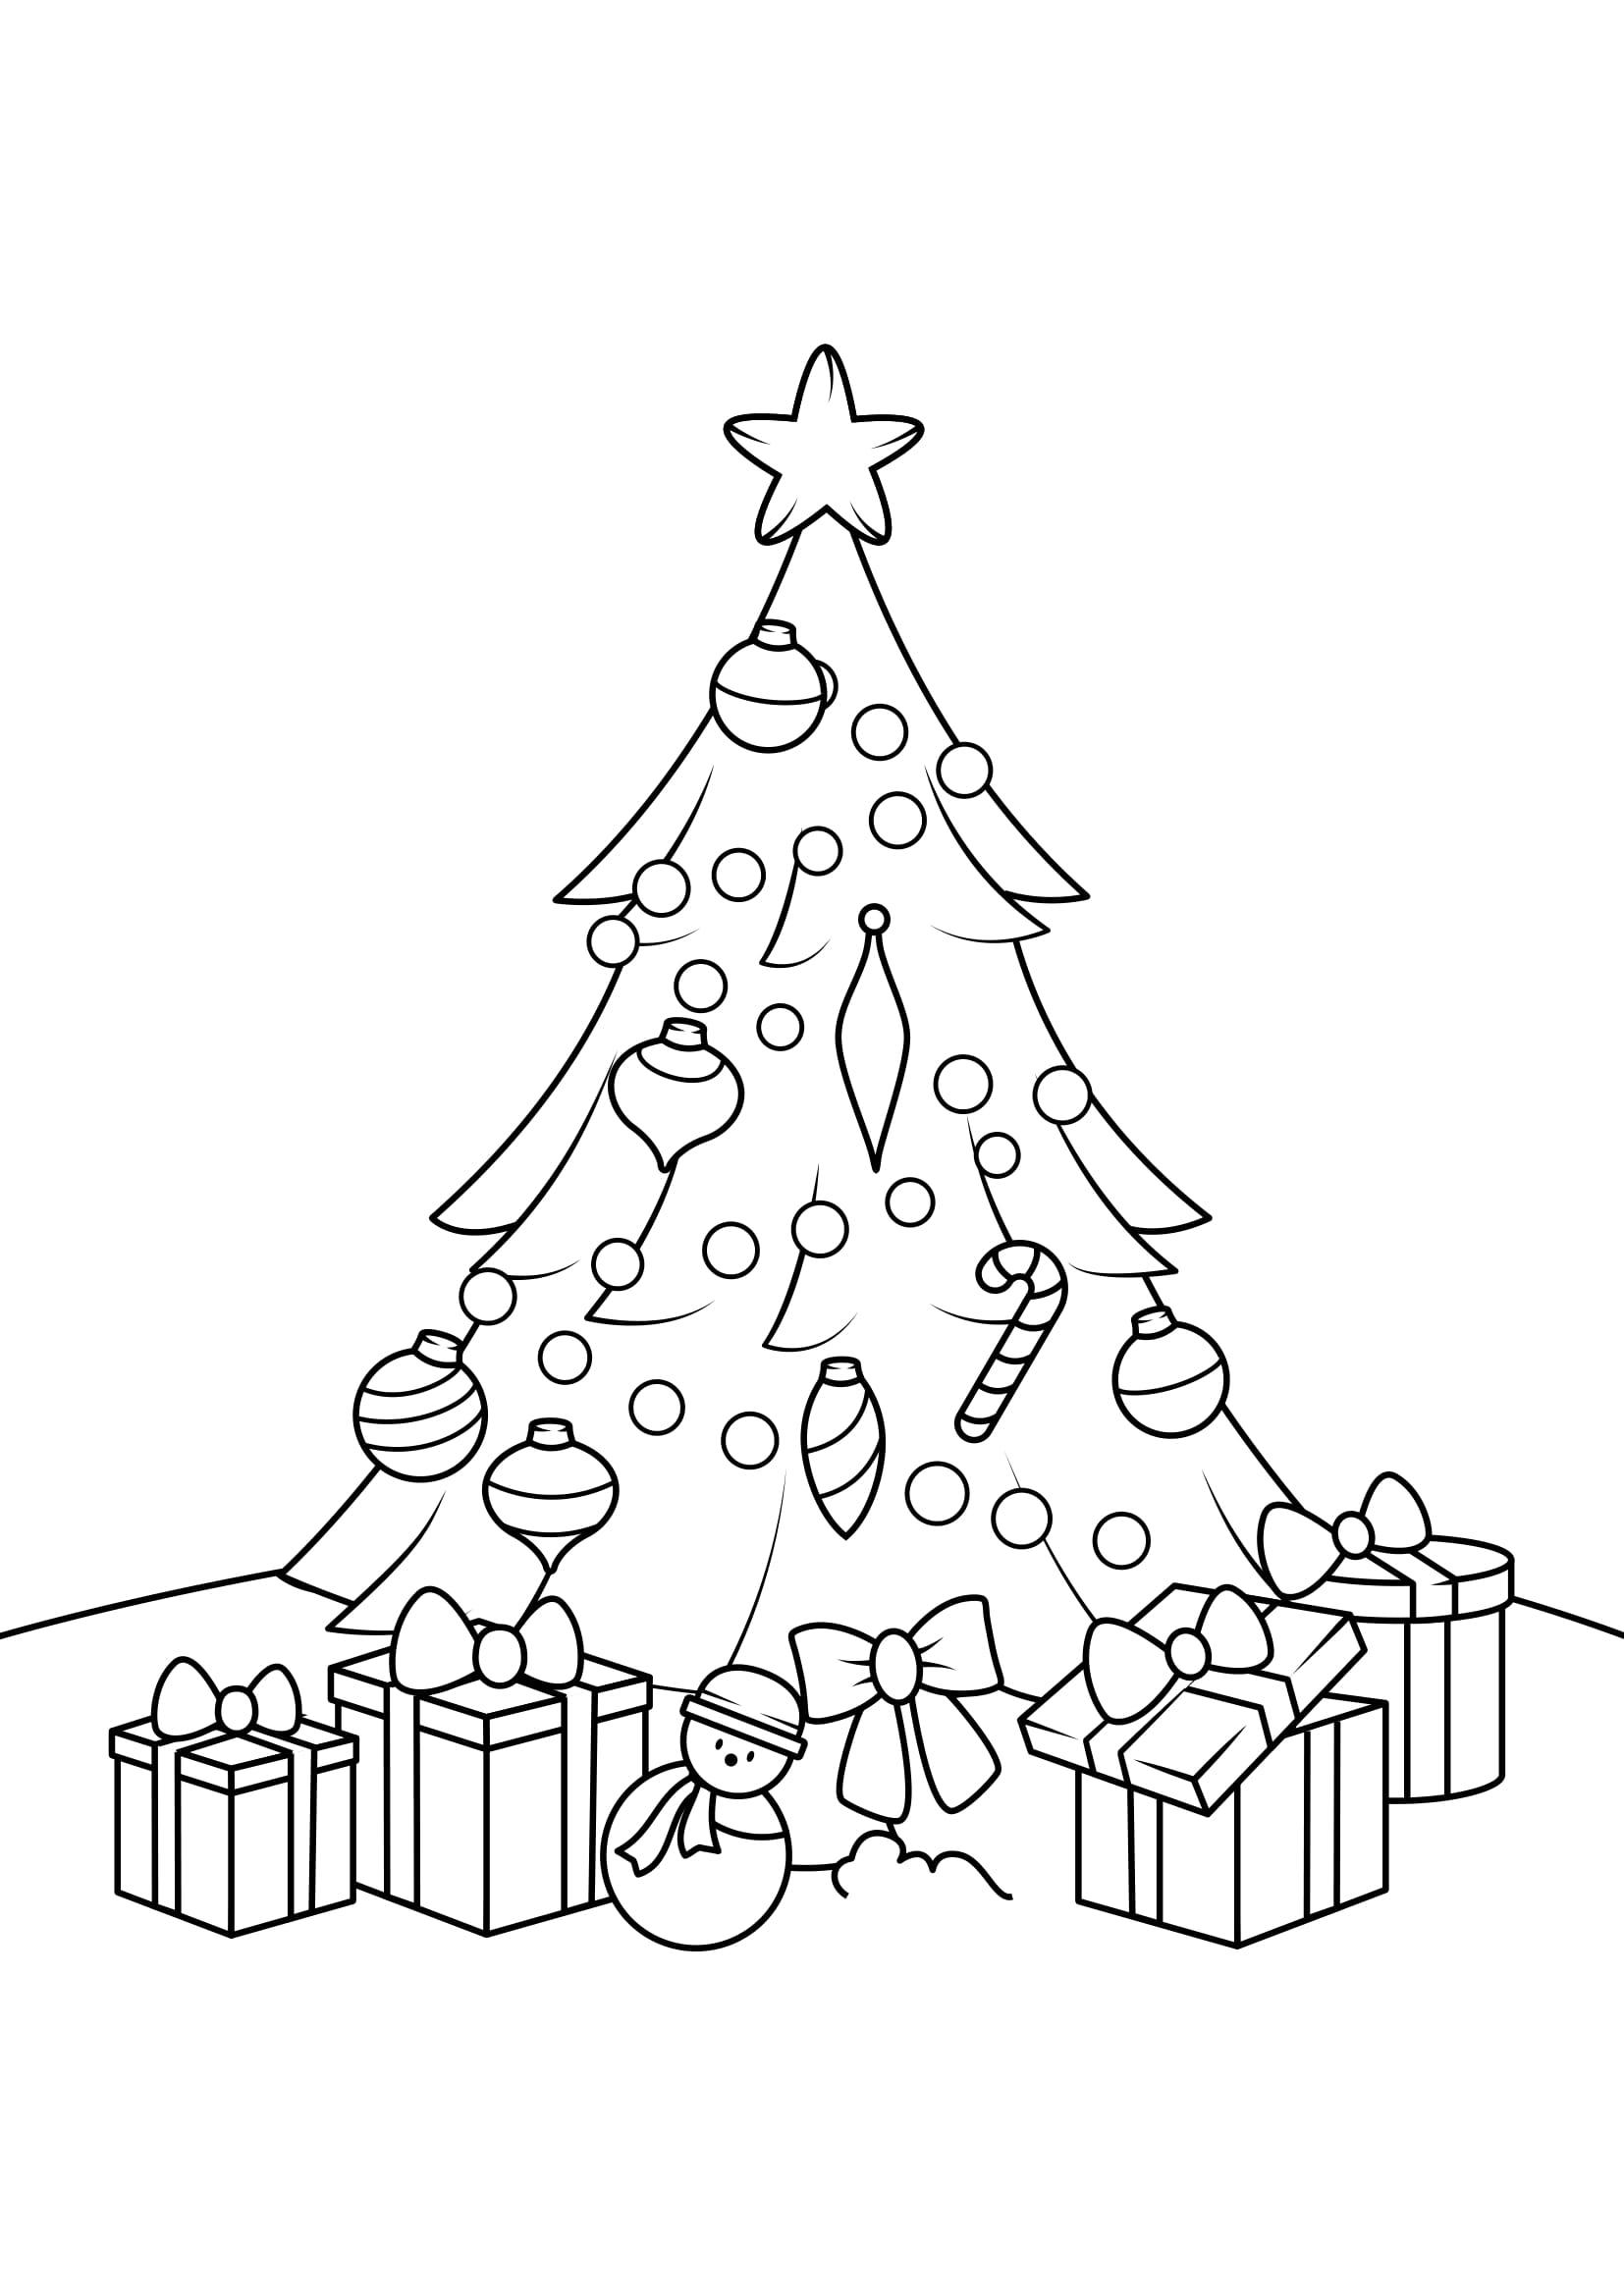 Disegni Da Colorare Albero Di Natale.Disegni Da Colorare Di Natale Aspettandonatale